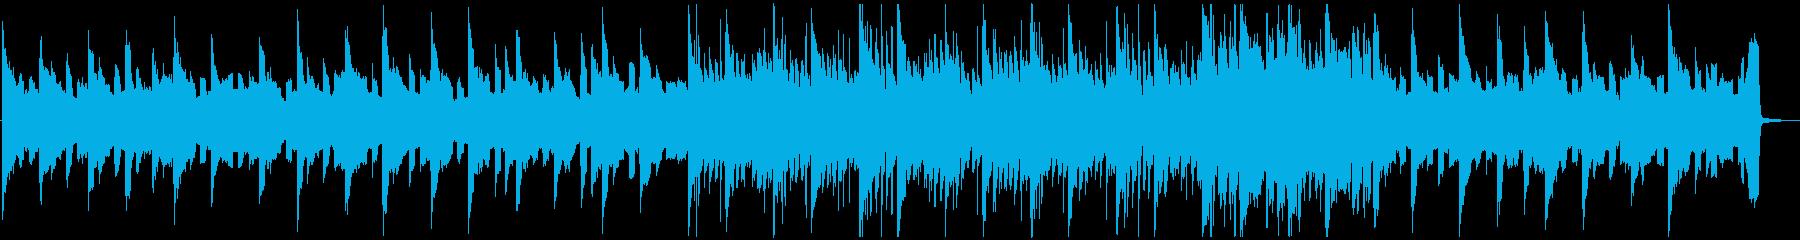 悲しいテクノ系ピアノバラードの再生済みの波形